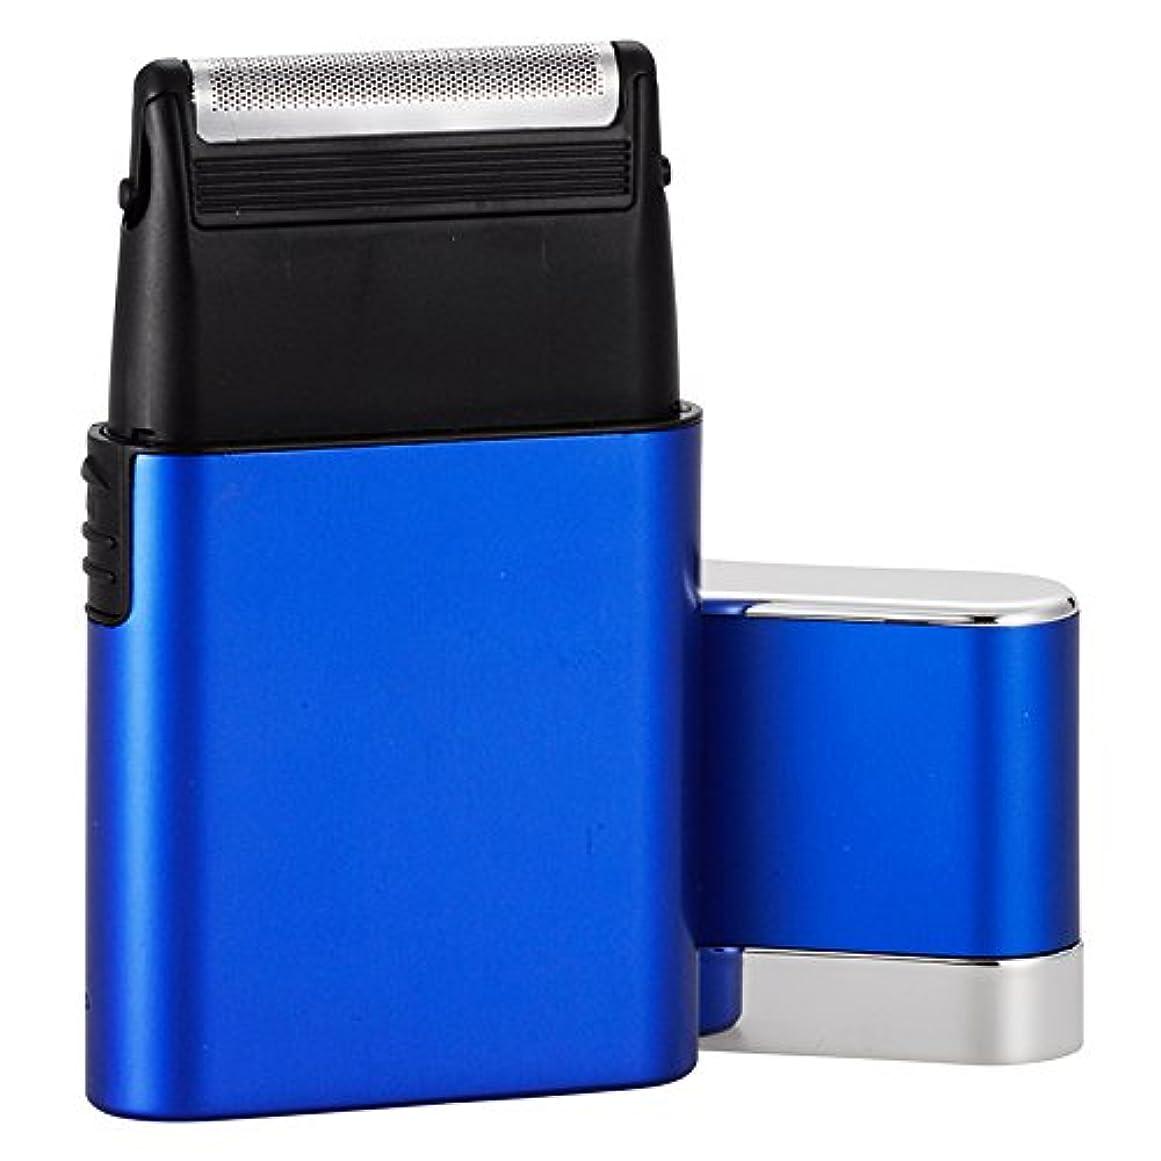 白い検査官タイトルアルミポケットシェーバー ブルー HB-SA170-A 00-8388